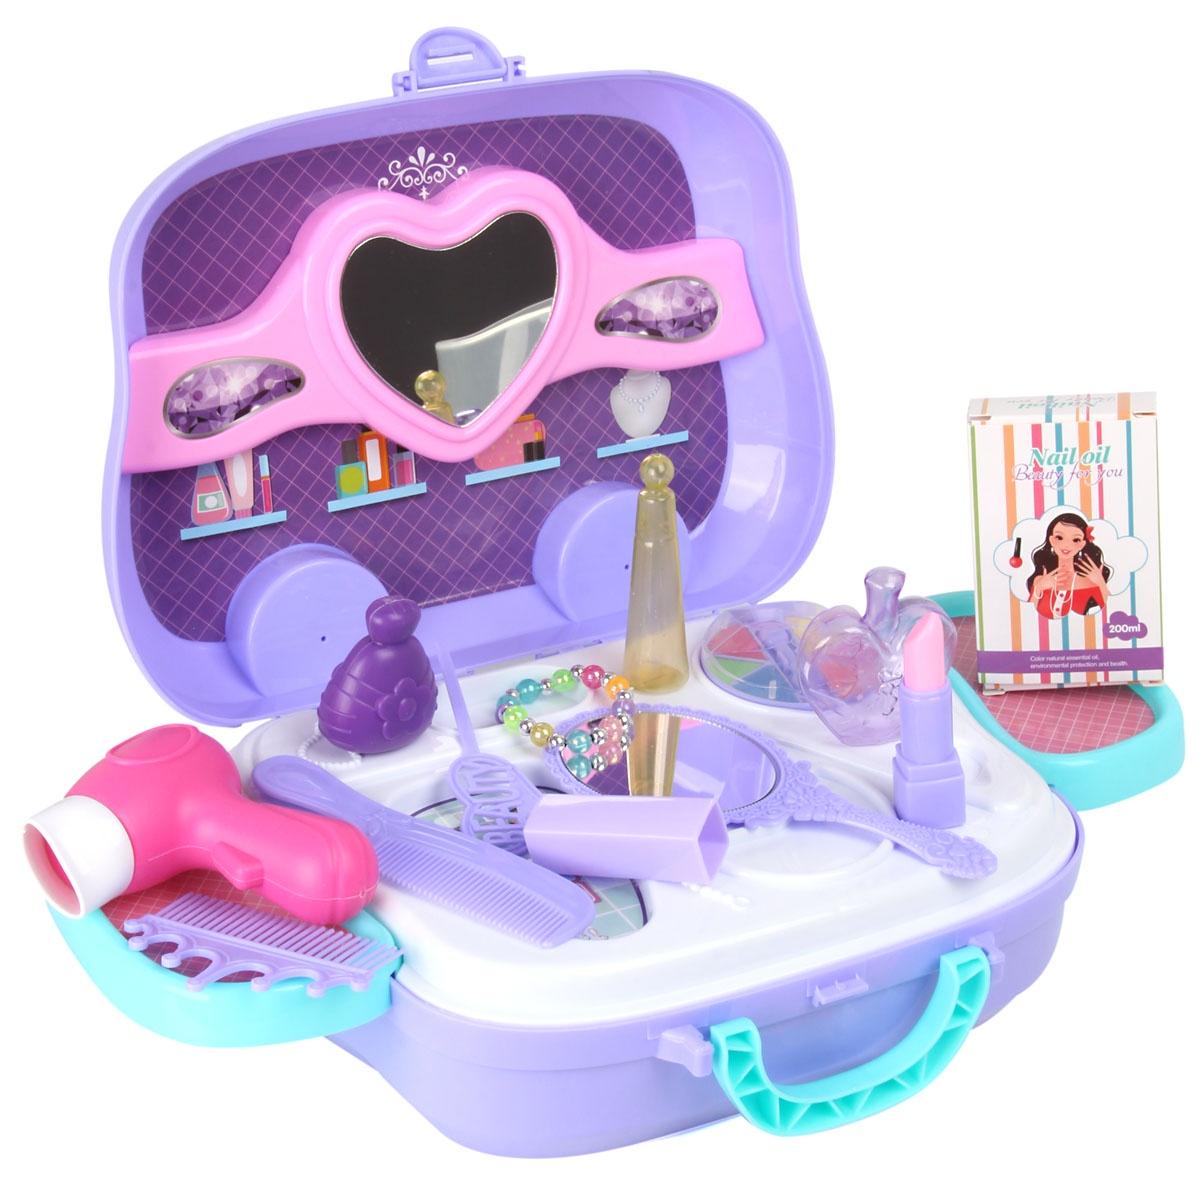 Сюжетно-ролевые игрушки Veld Co 82189